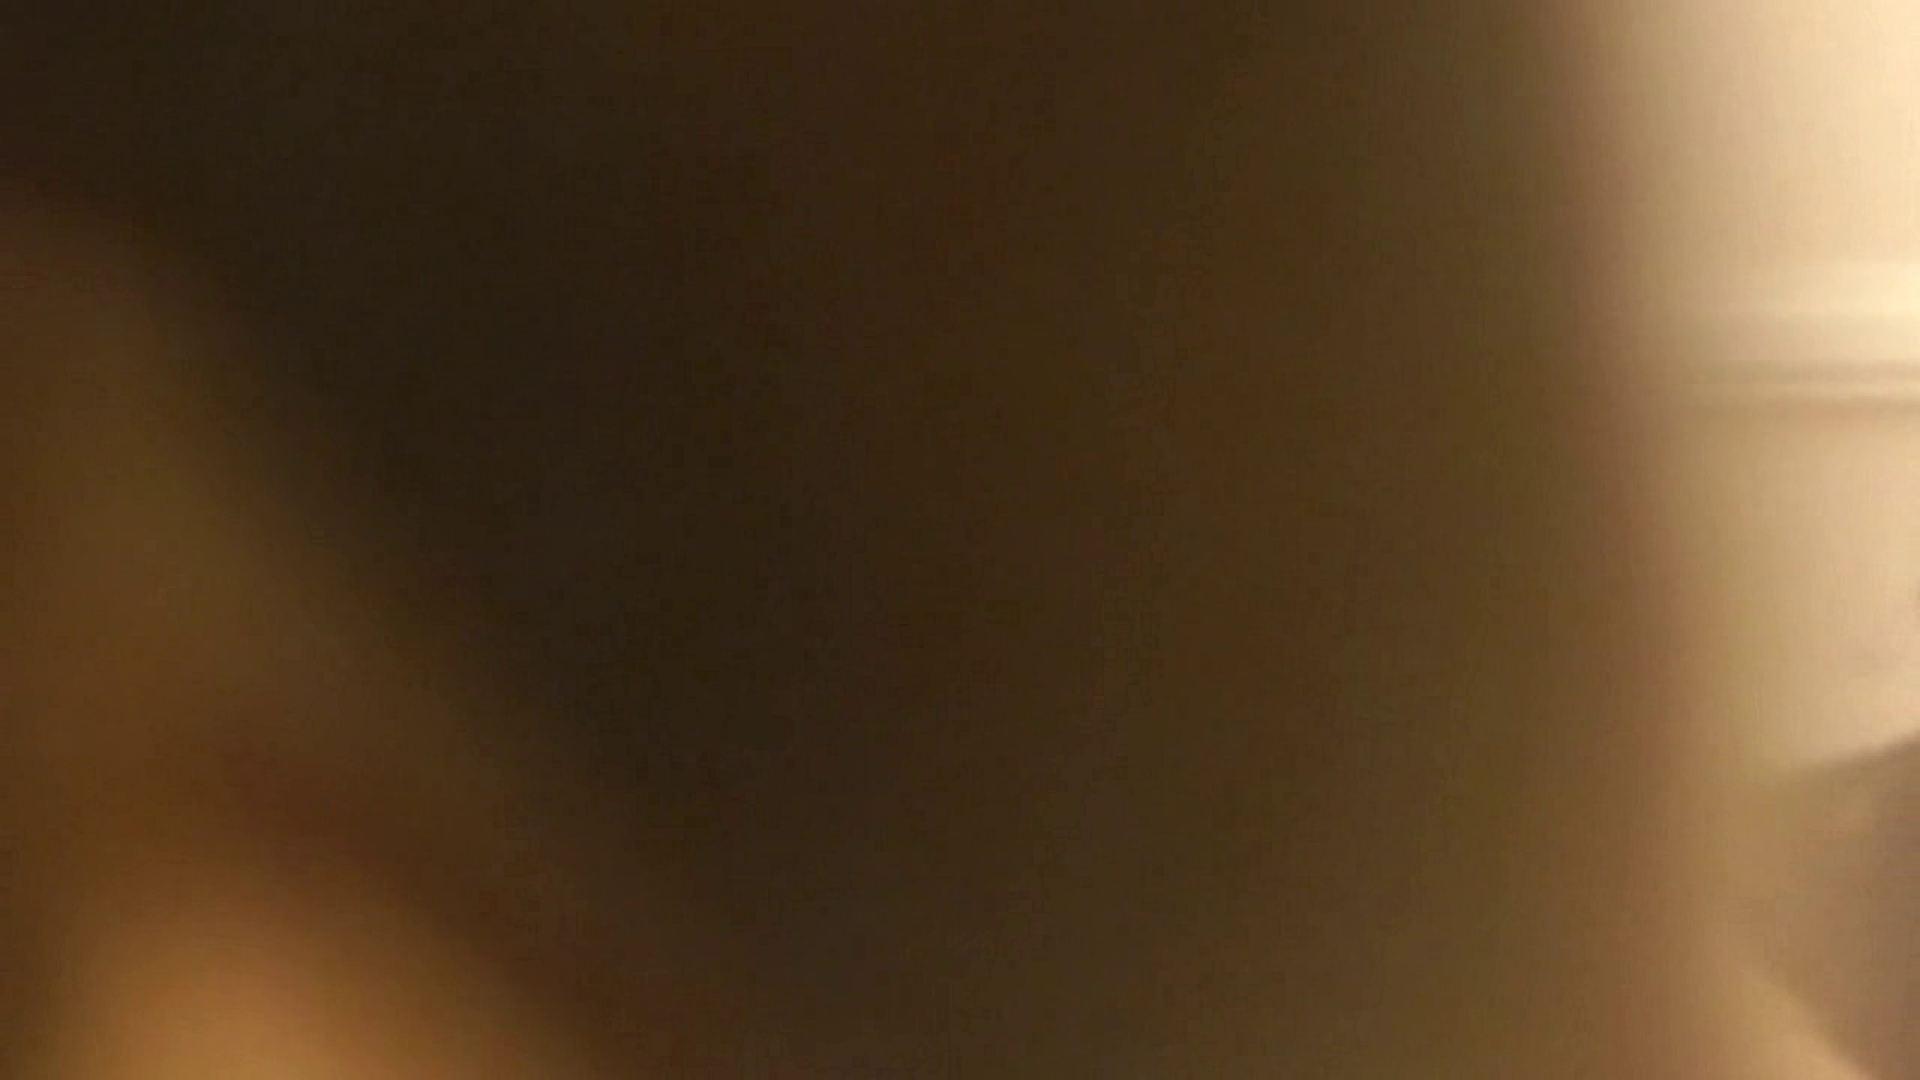 vol.1 Mayumi 窓越しに入浴シーン撮影に成功 OL   入浴シーン  89連発 23